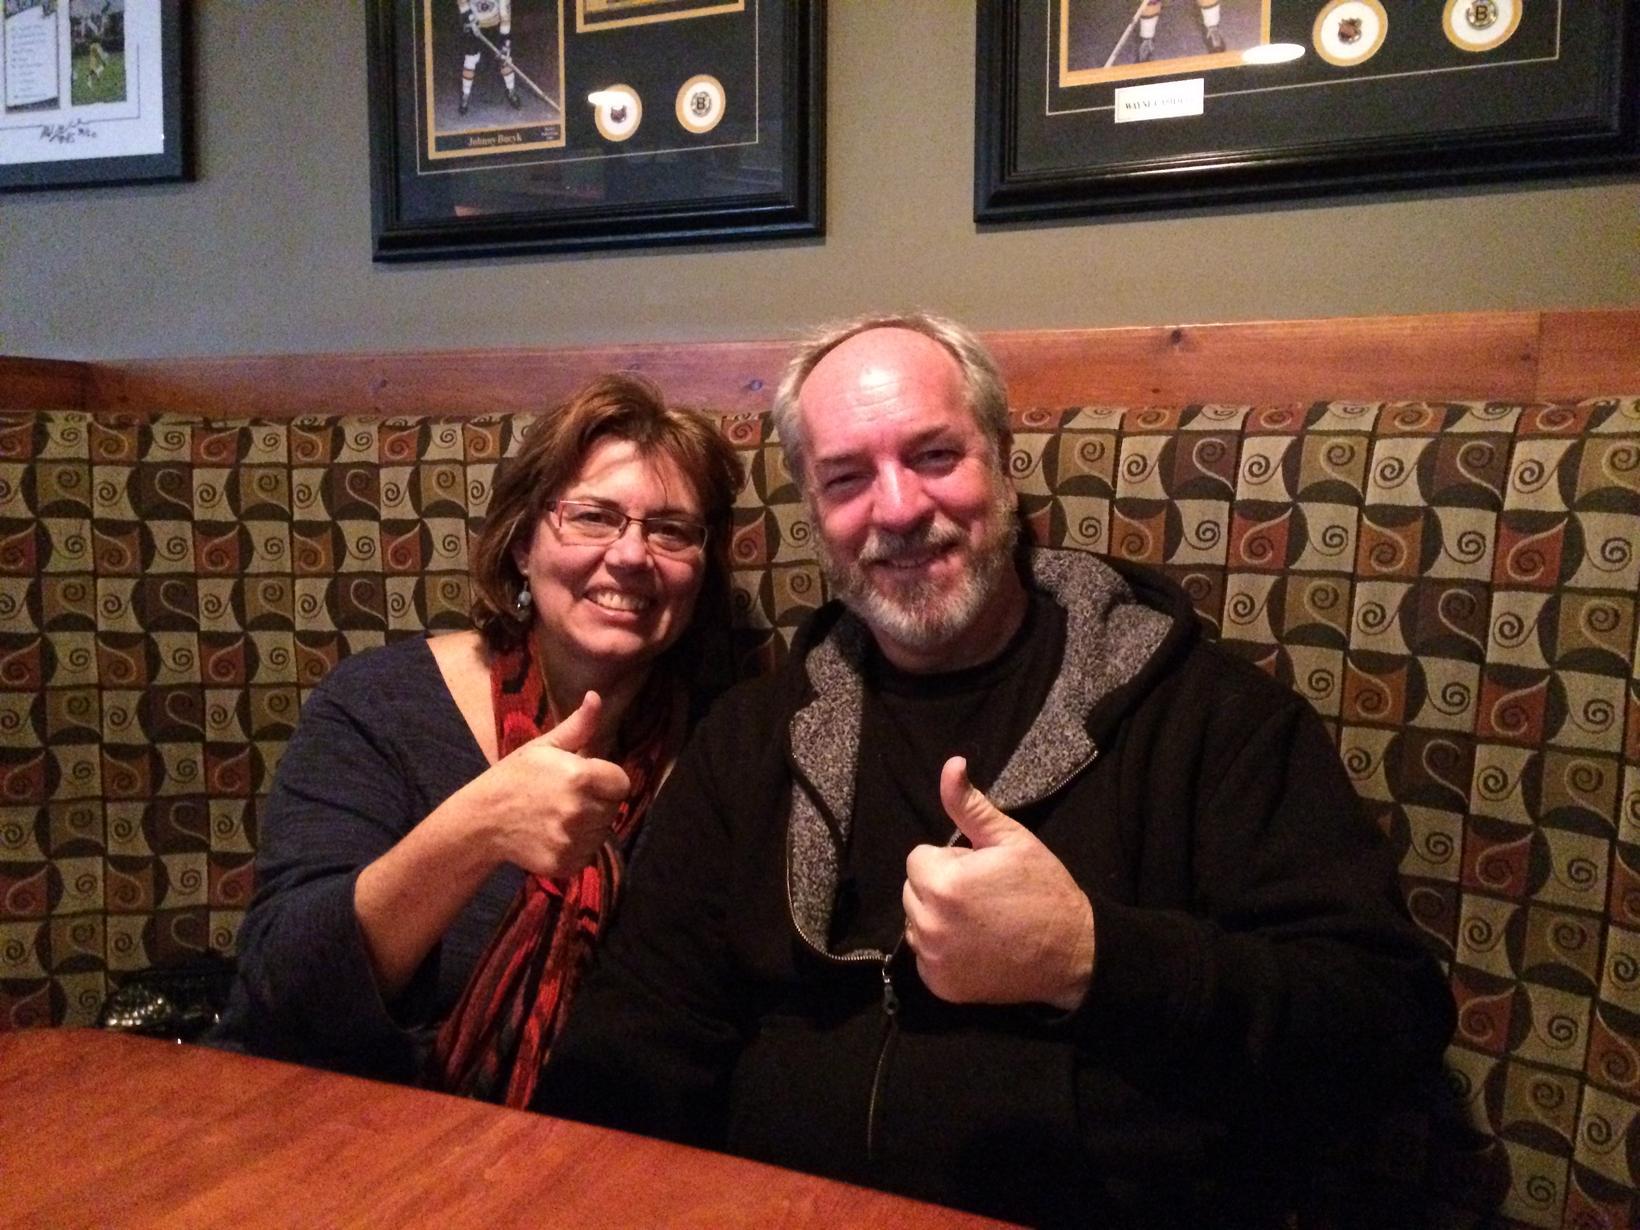 Laurie & Dana from Winnipeg, Manitoba, Canada